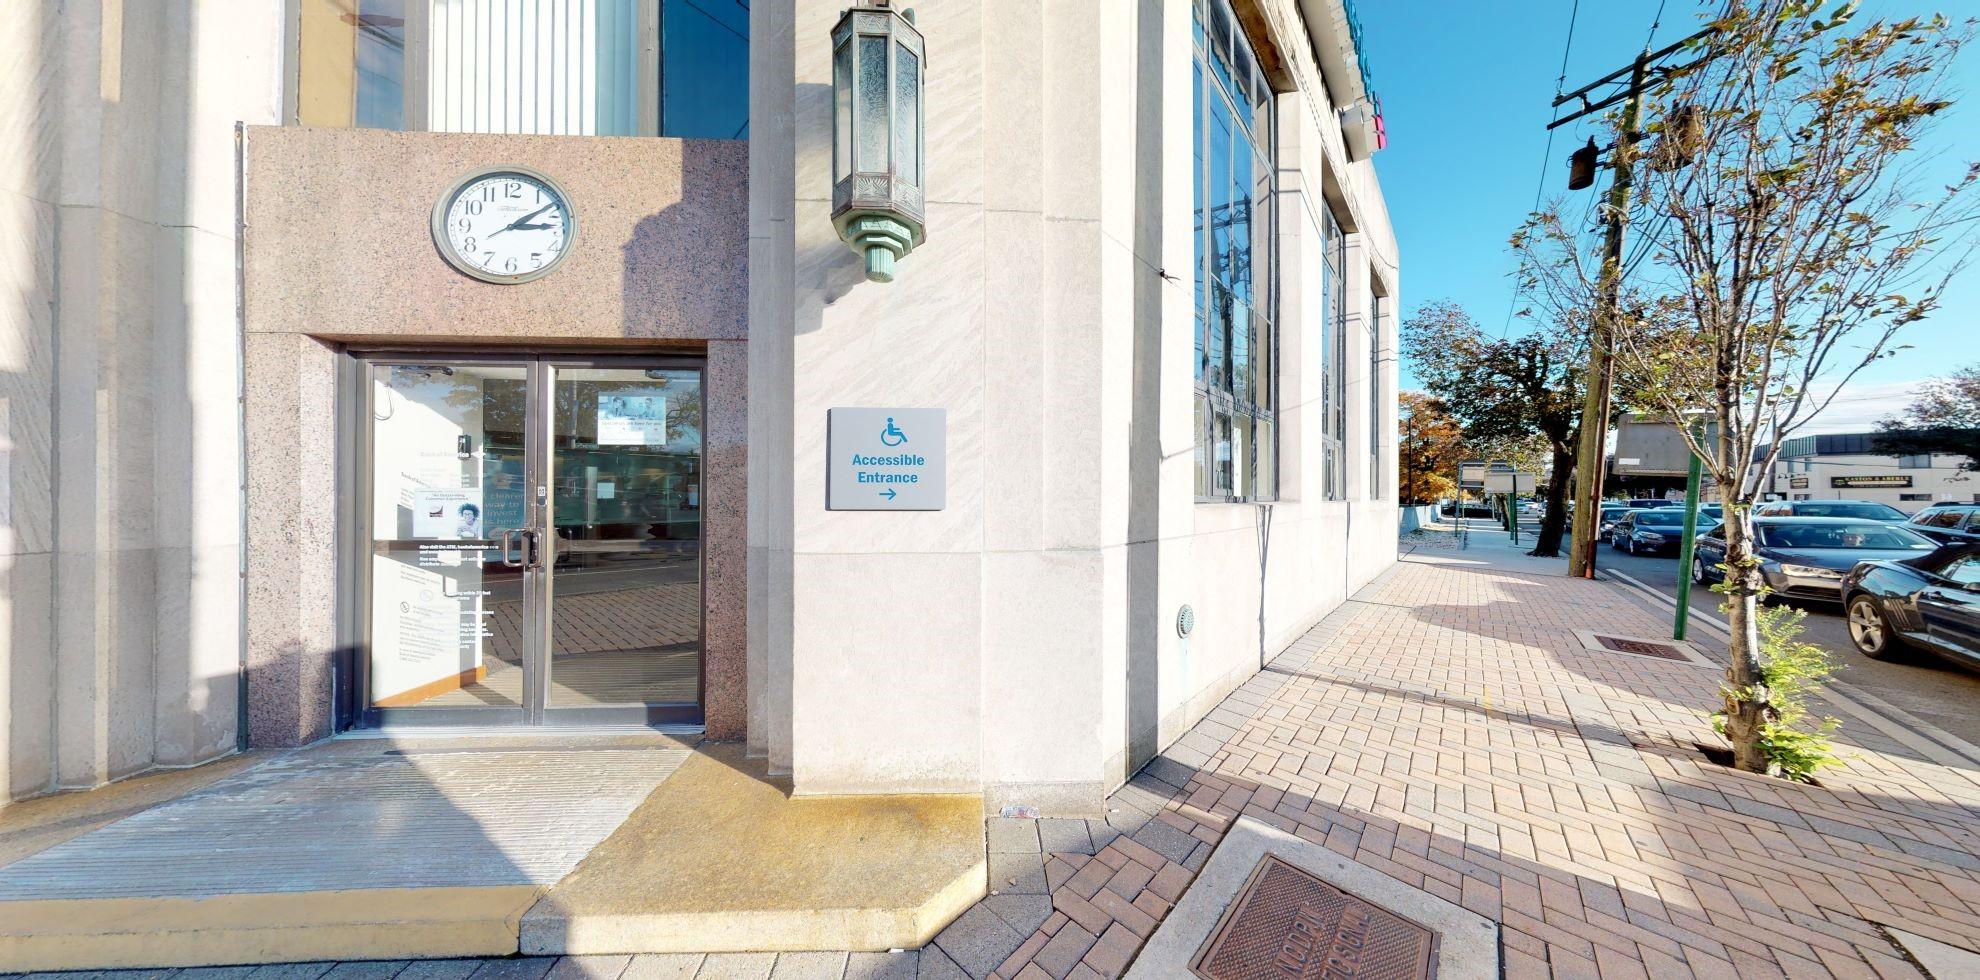 Bank of America financial center with walk-up ATM   199 Jericho Tpke, Mineola, NY 11501